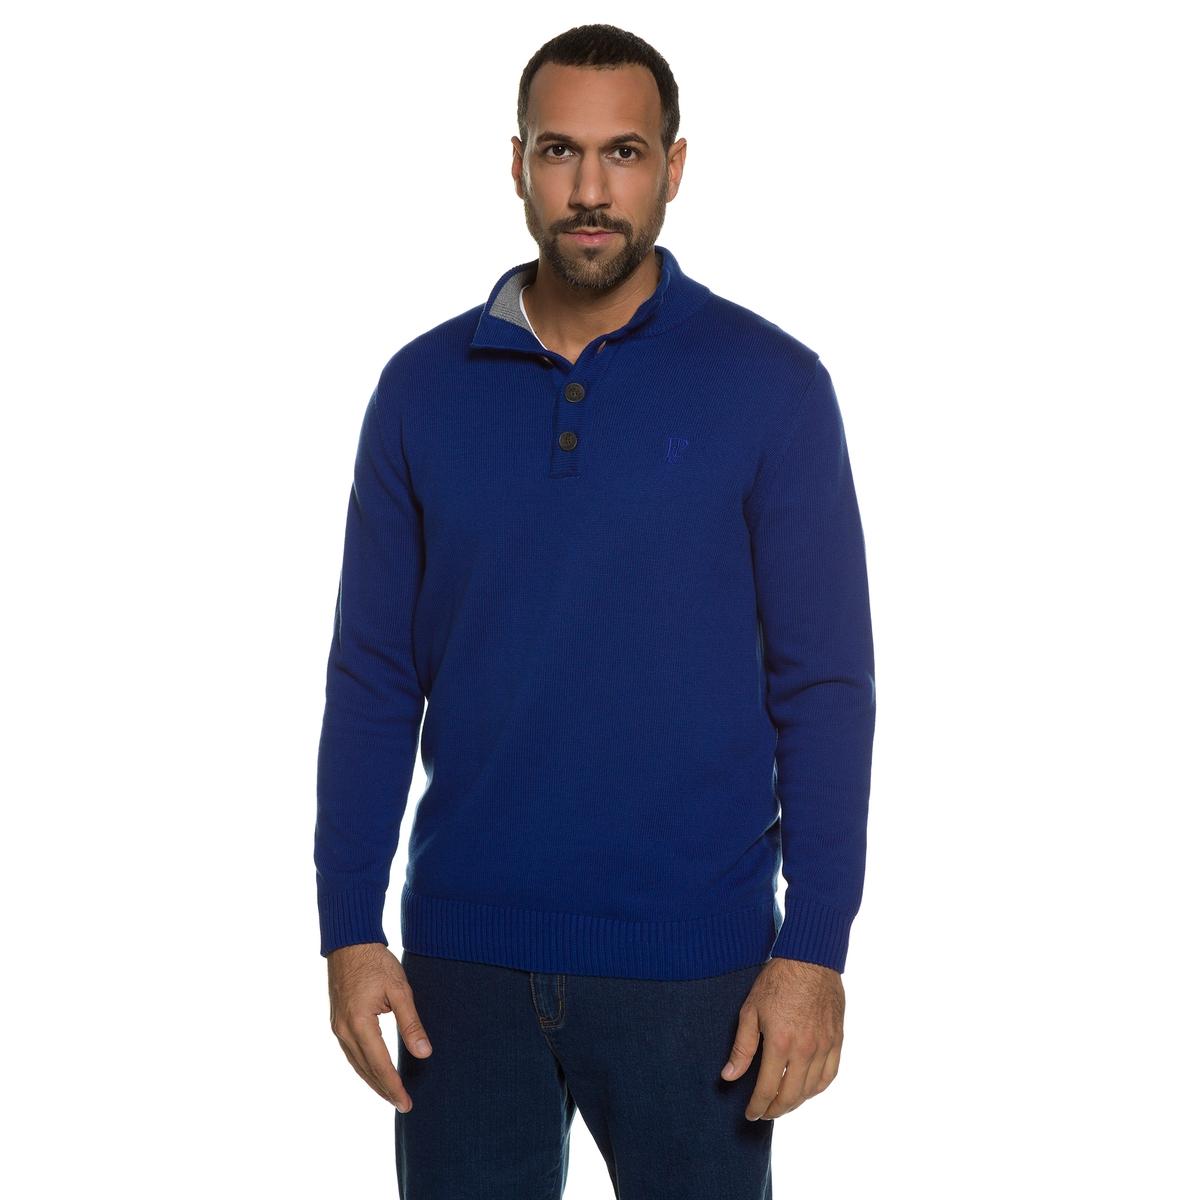 ПуловерыТрикотажный пуловер с воротником-стойкой. Мужественный пуловер с прямым воротником контрастного цвета внутри. Планка застёжки на пуговицы, отделка краев в рубчик. Длина в зависимости от размера: от 76 до  90 см<br><br>Цвет: синий<br>Размер: 6XL